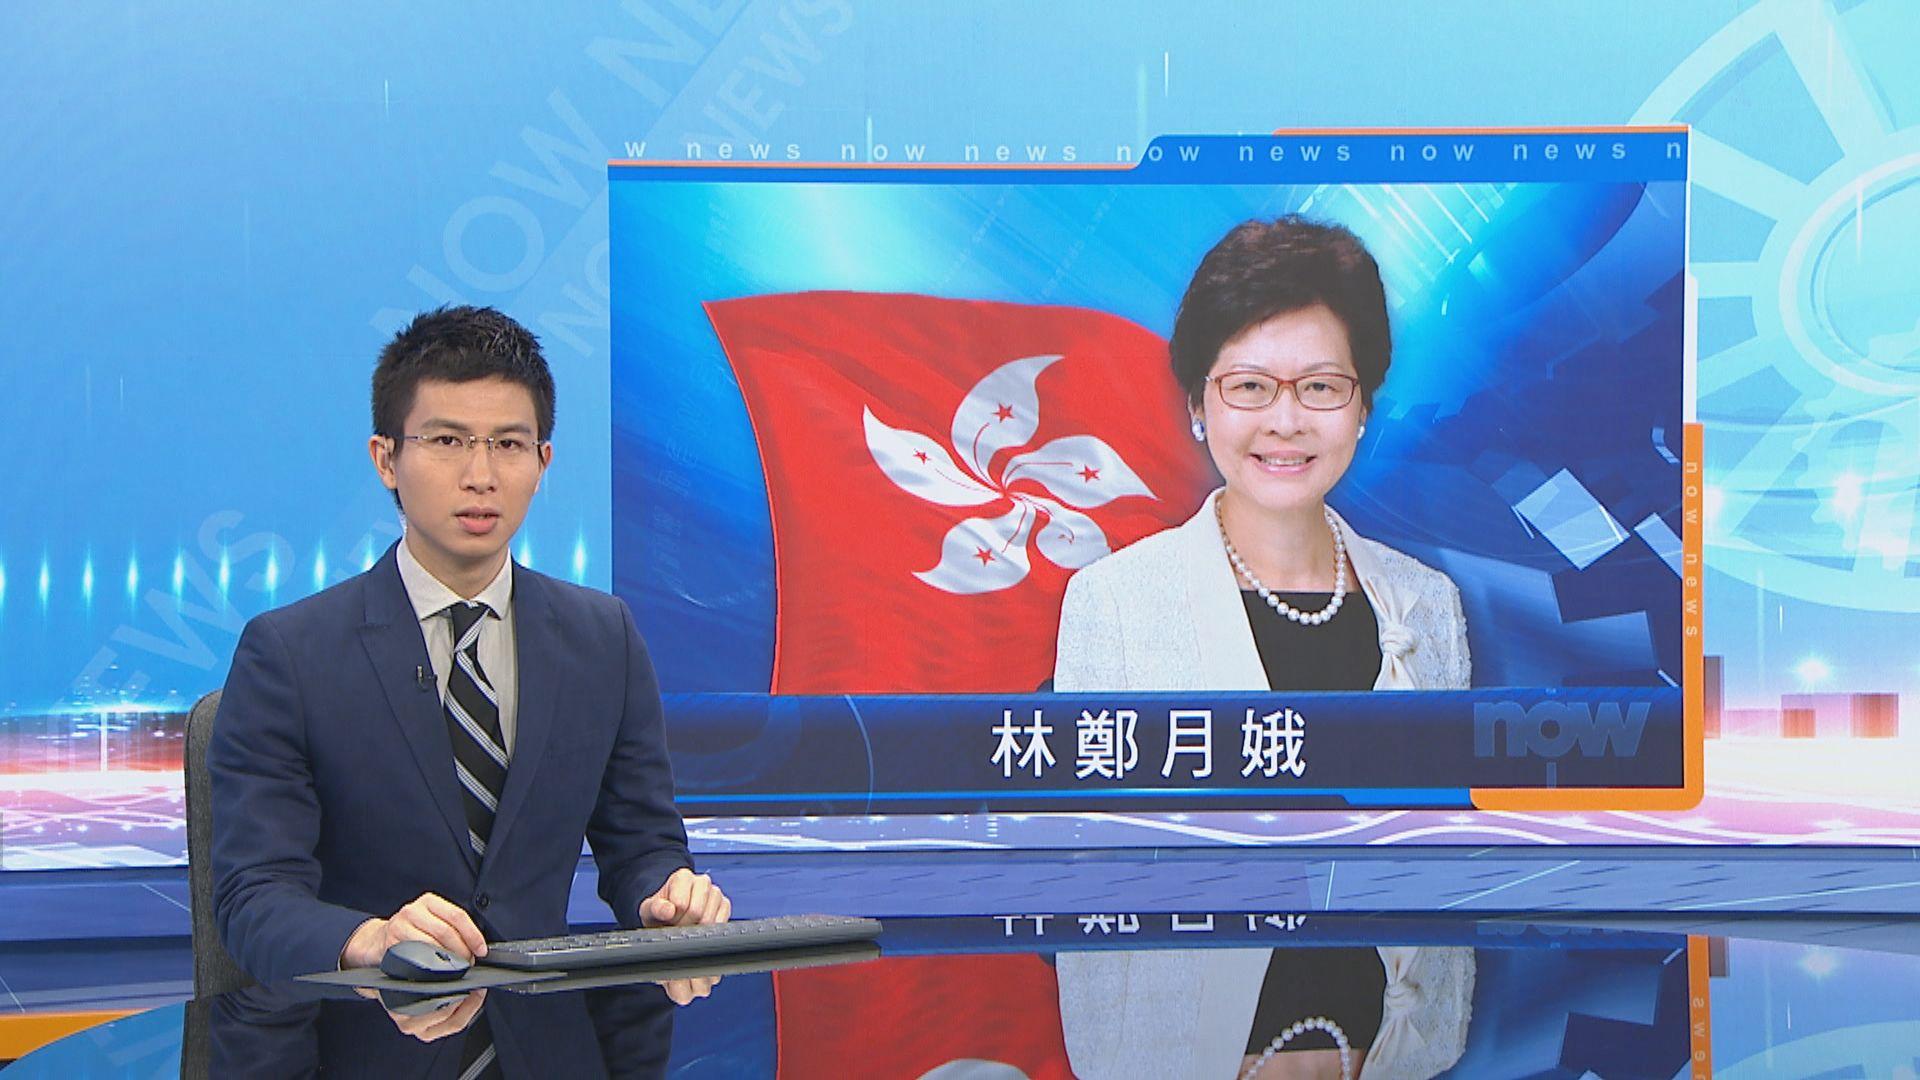 林鄭:若未趕及處理台灣殺人案仍會繼續修訂逃犯條例